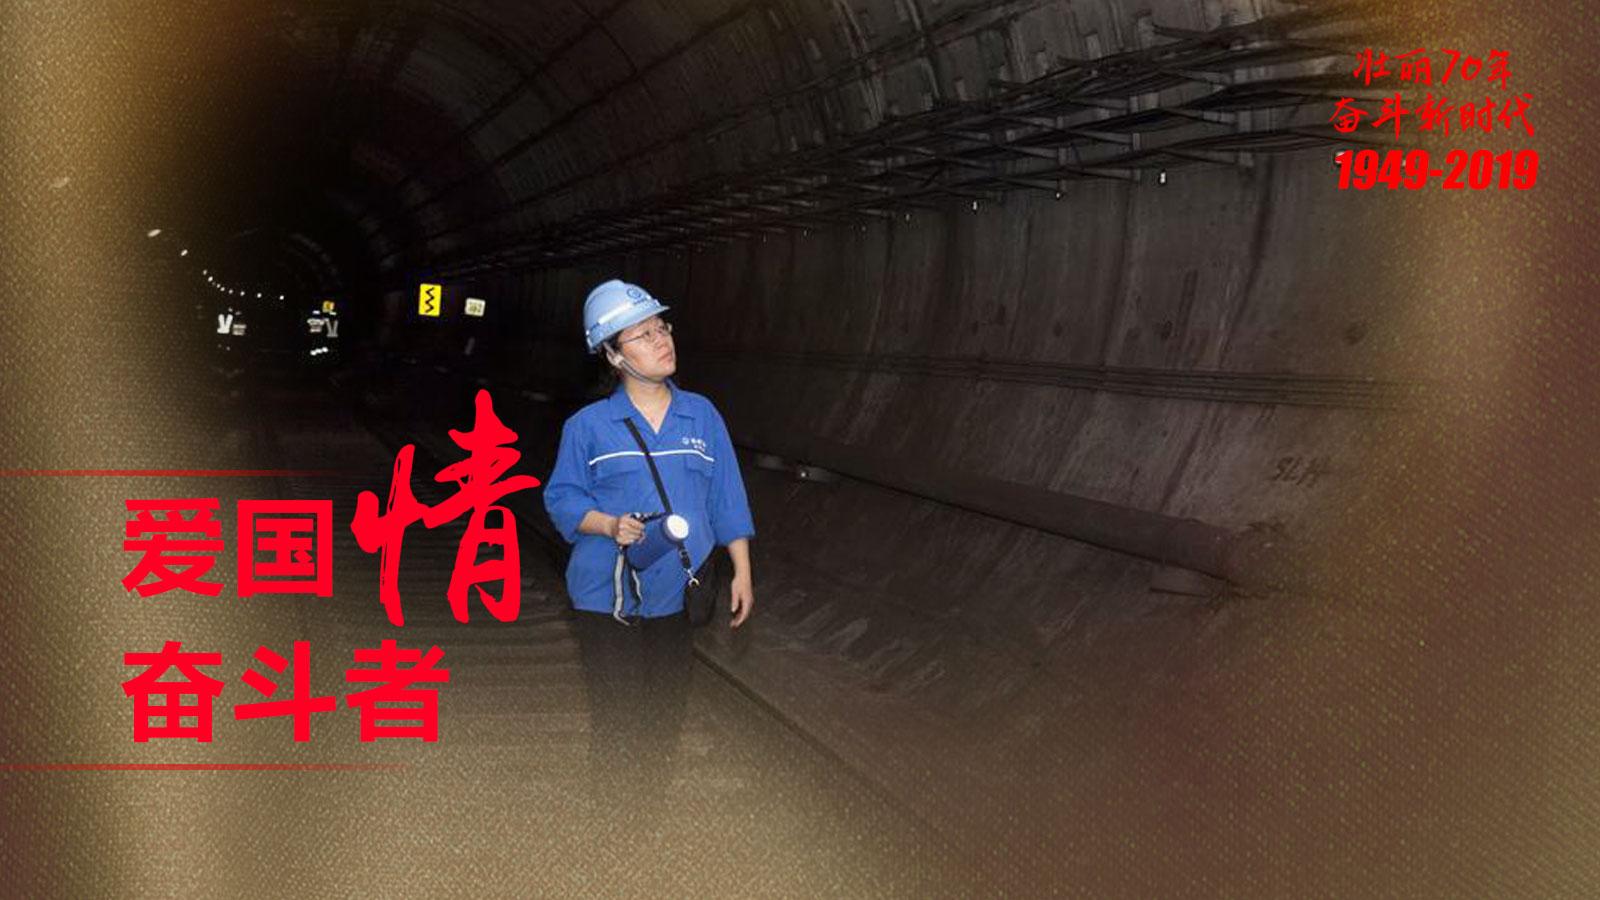 爱国情奋斗者 | 何小玲,地铁维保团队中唯一的女性